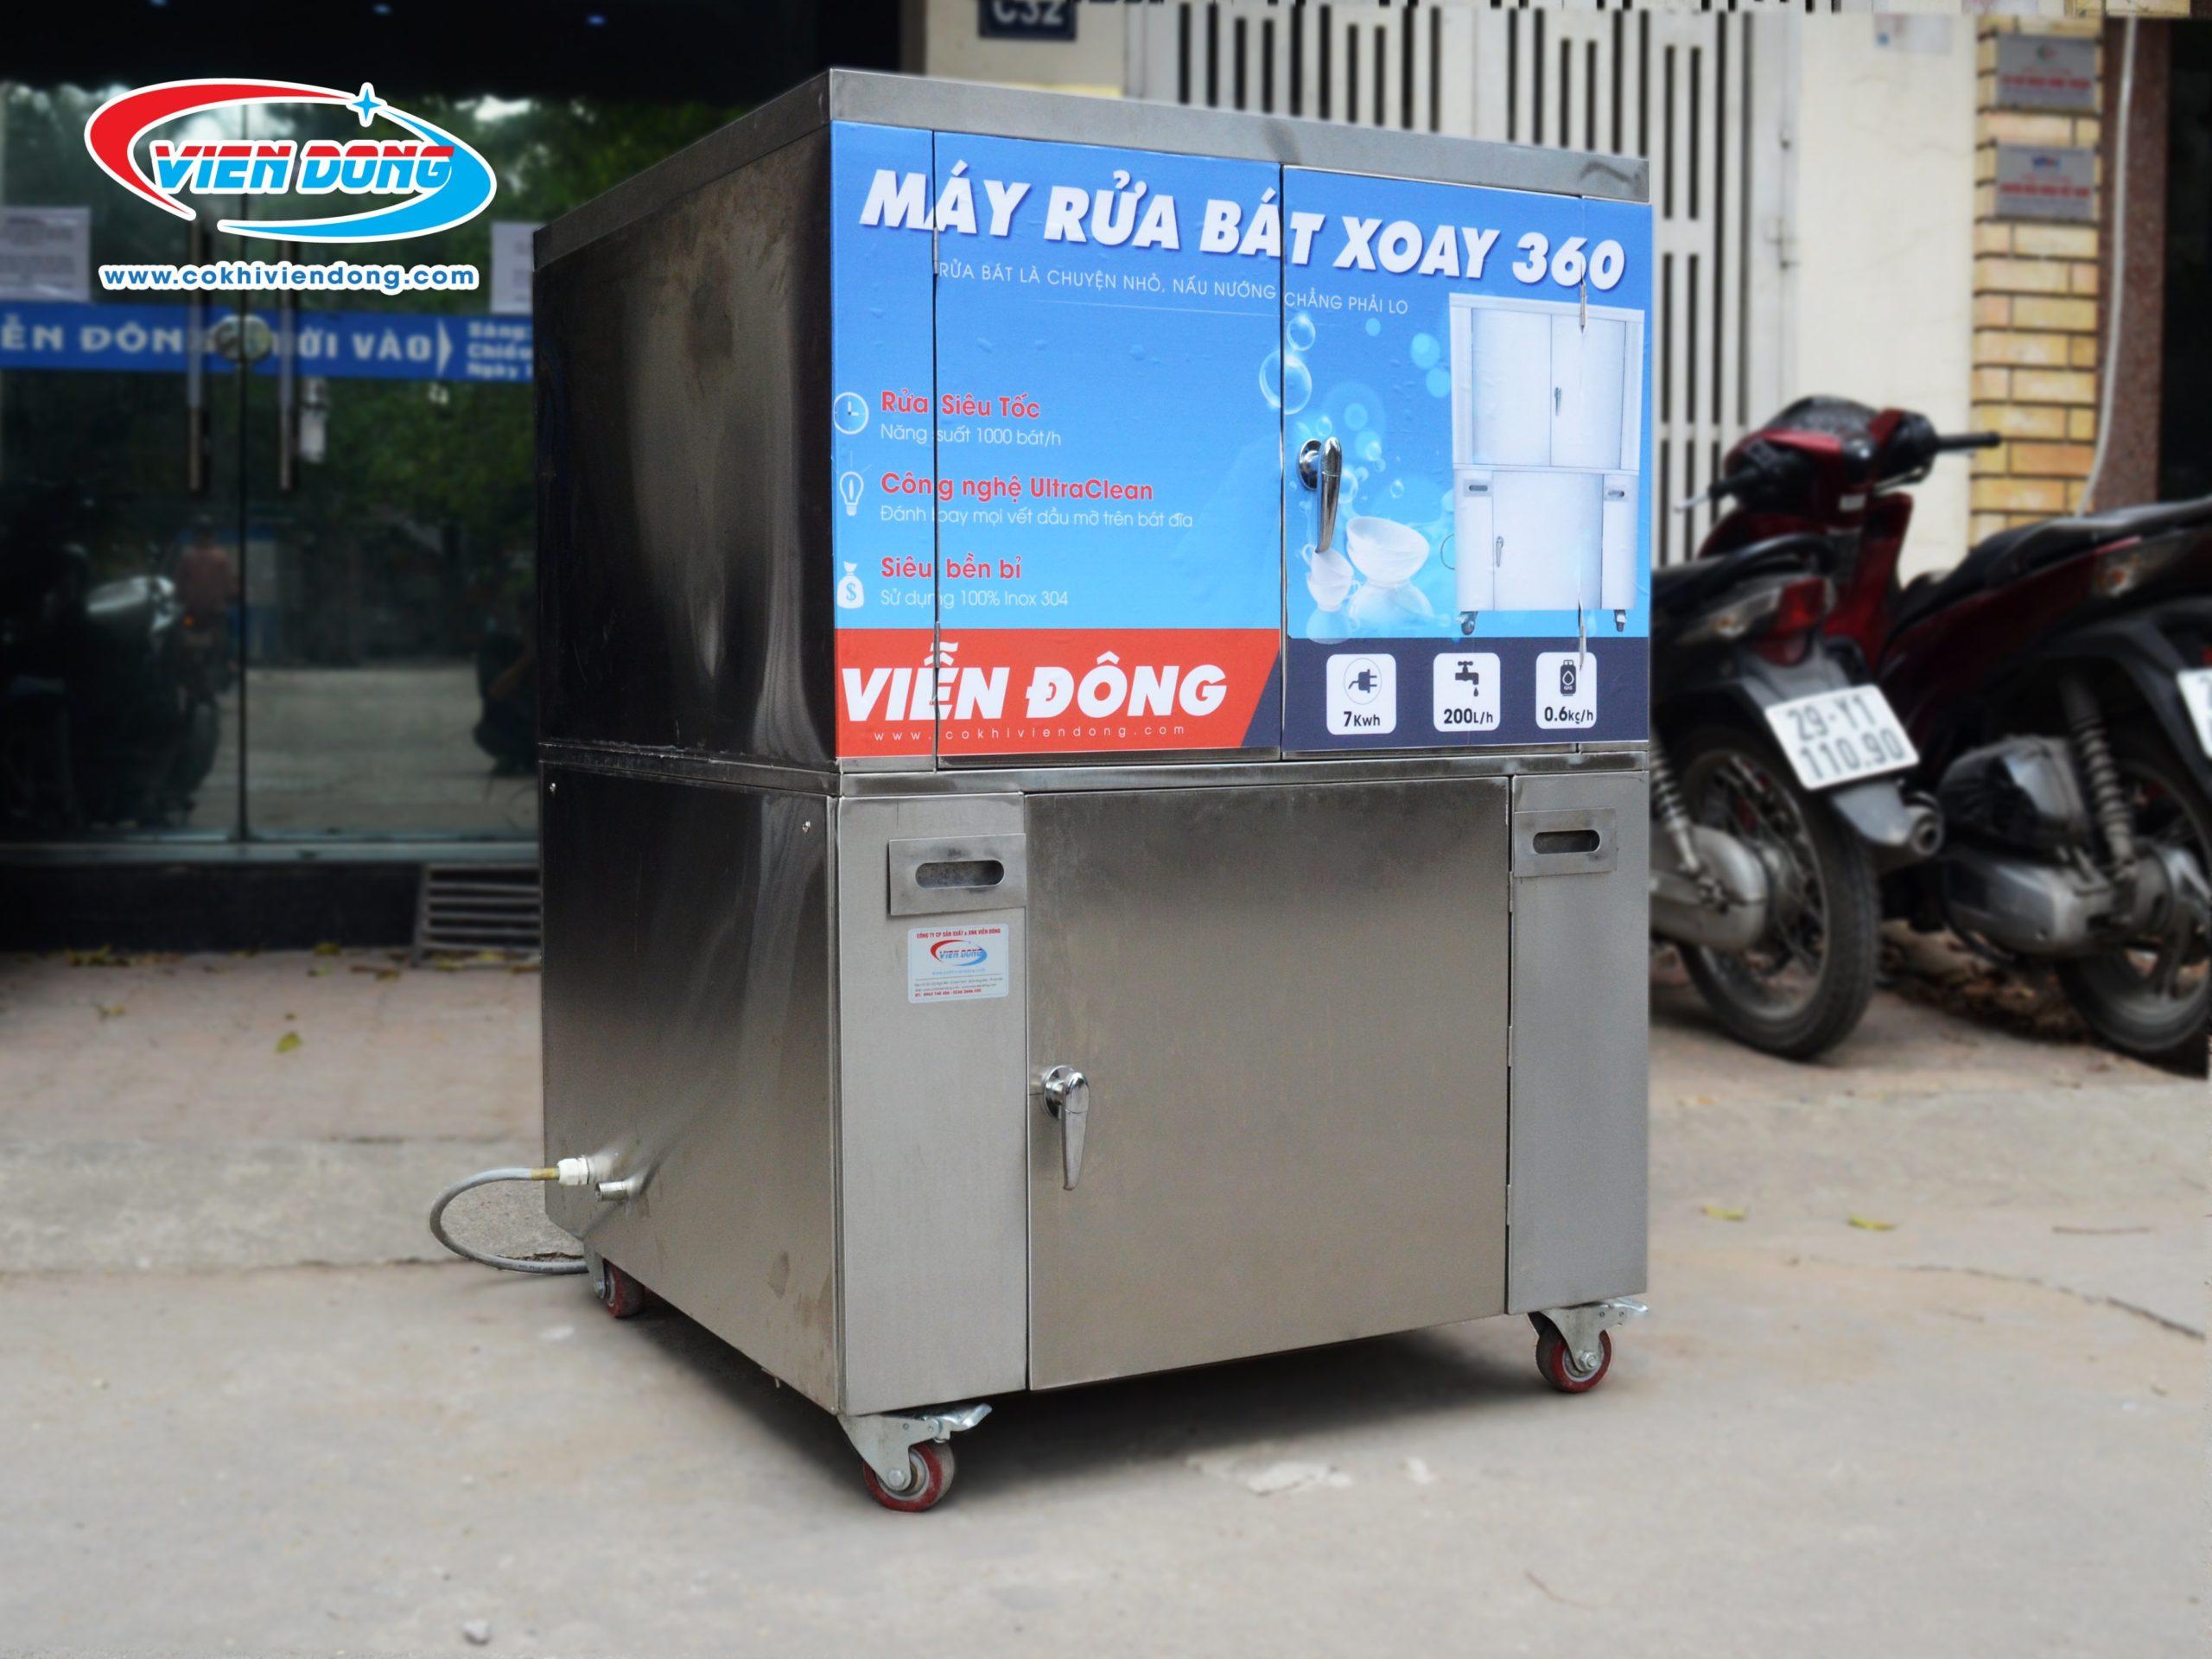 Máy rửa bát được làm từ inox 304 toàn bộ